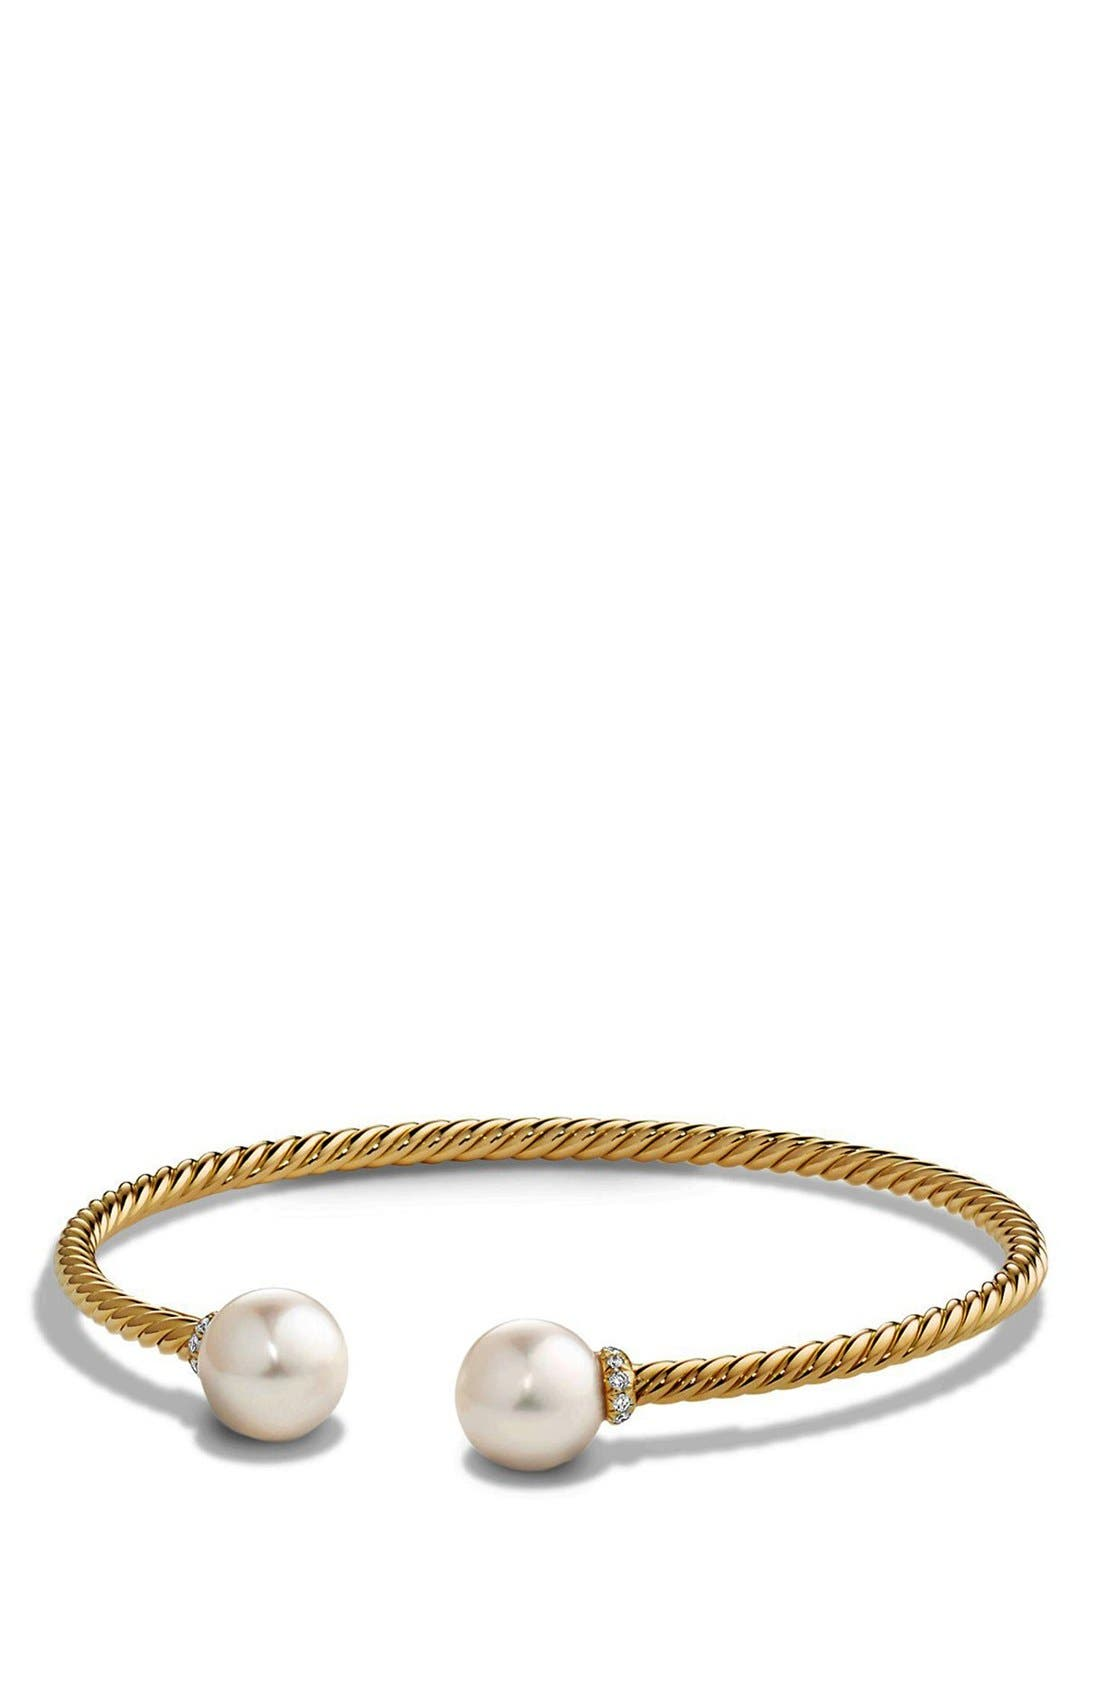 David Yurman 18kt yellow gold Solari cuff bracelet - Metallic mIIfP0Q